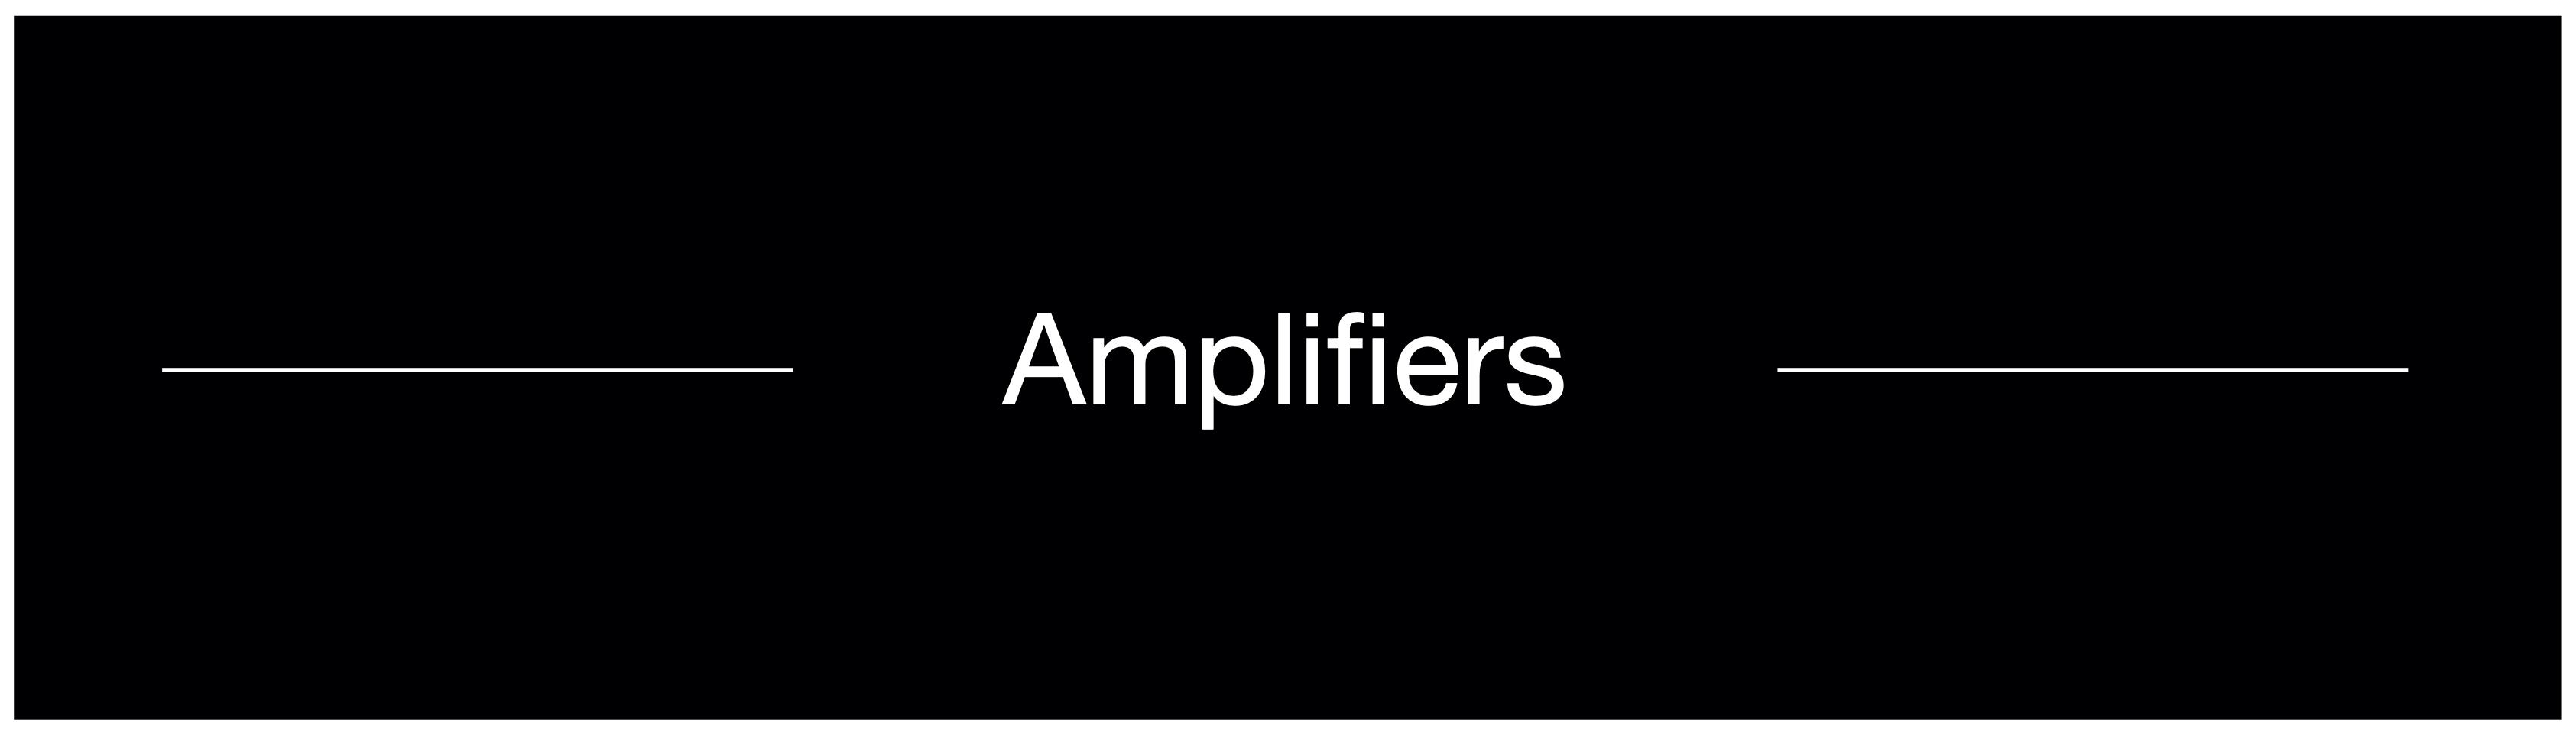 amplifiers-logo.jpg